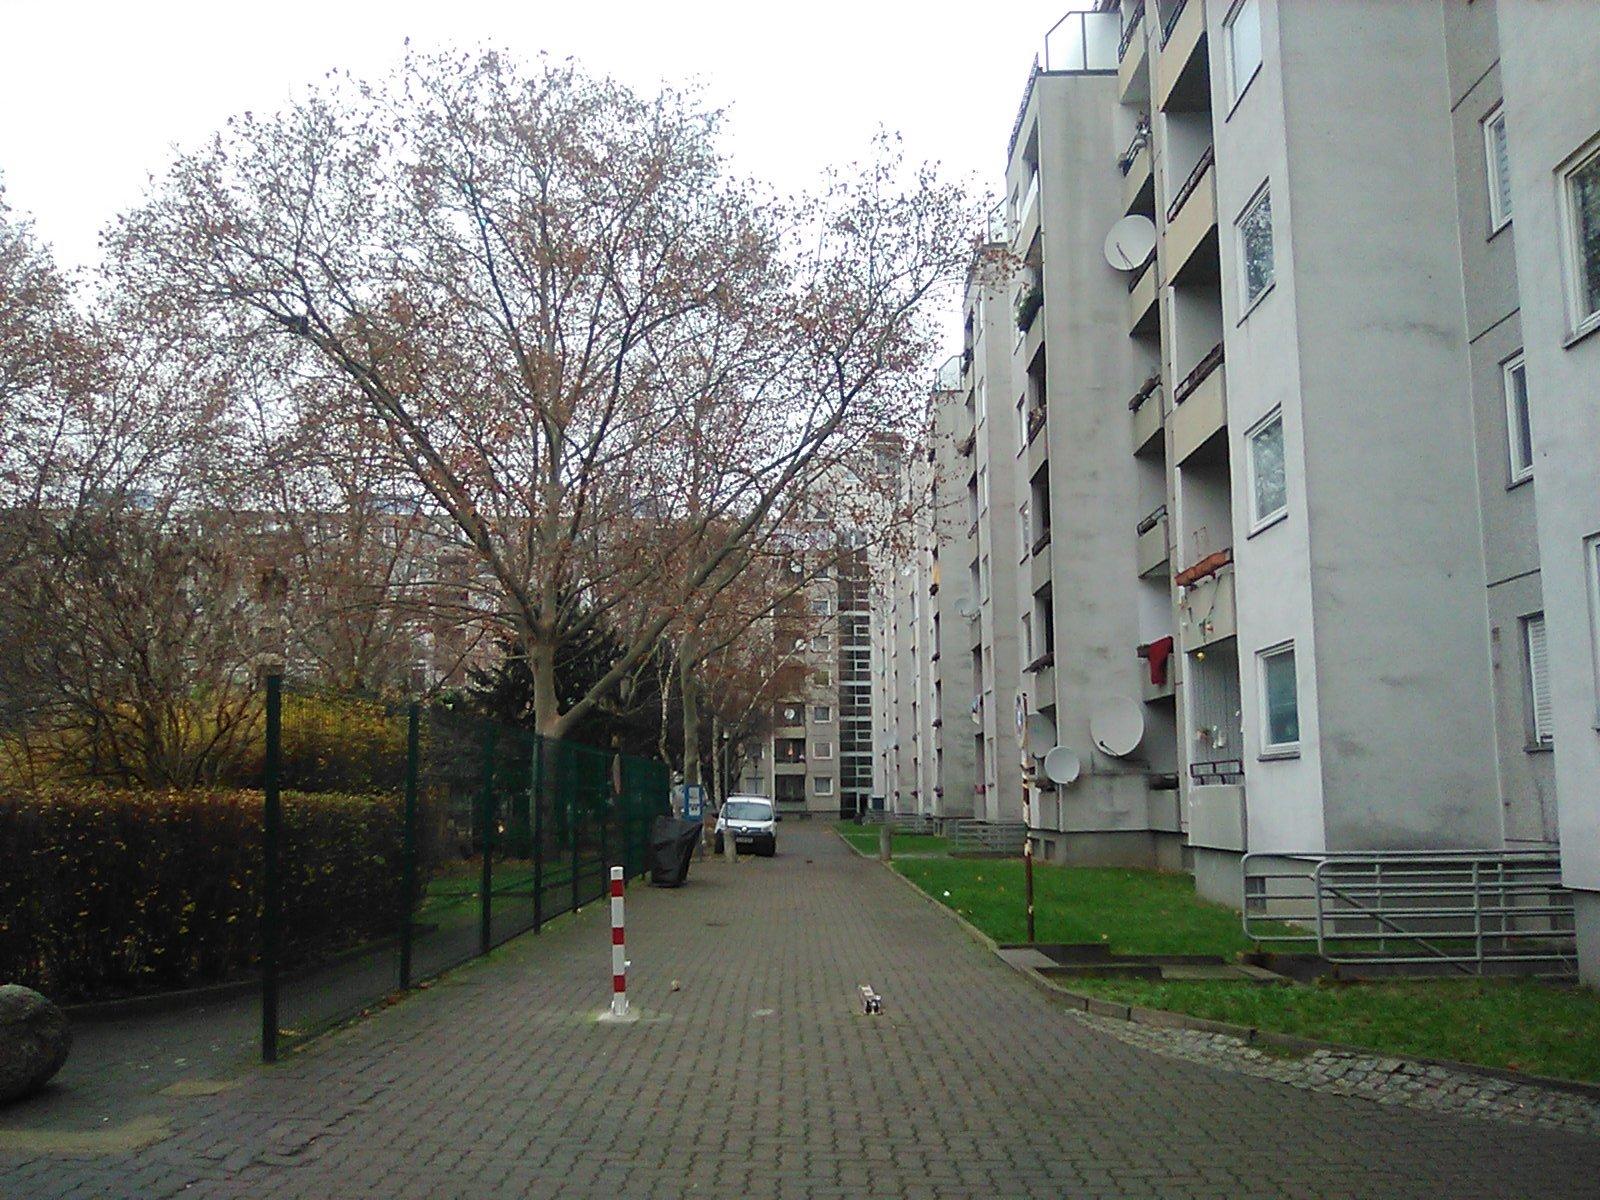 Nokia 800 Tough camera sample courtyard